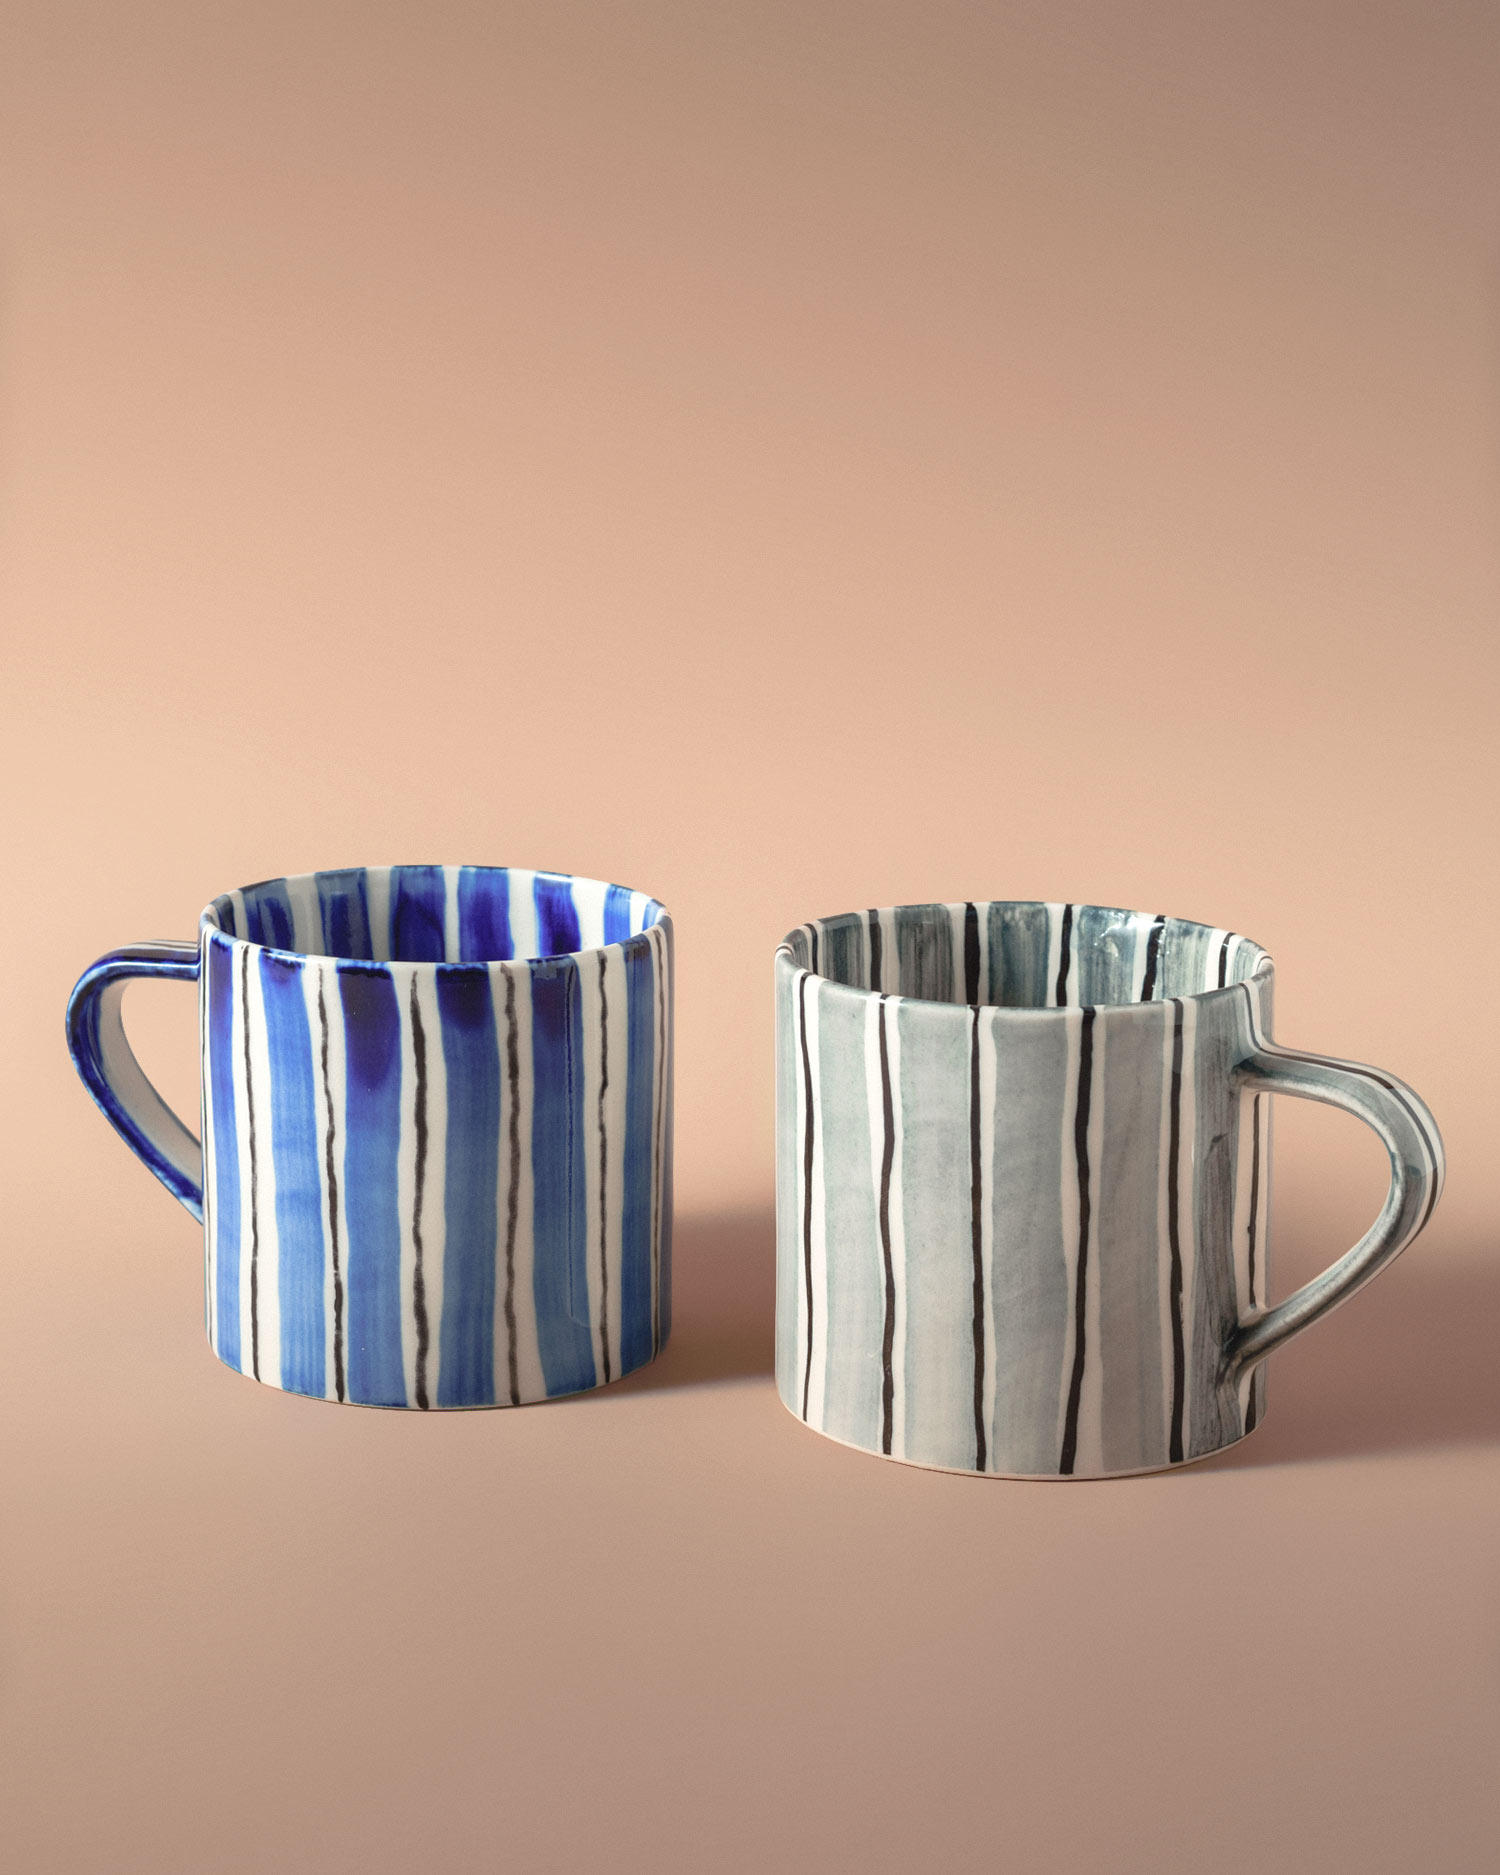 folkdrakter-coffee-cup-5.jpg